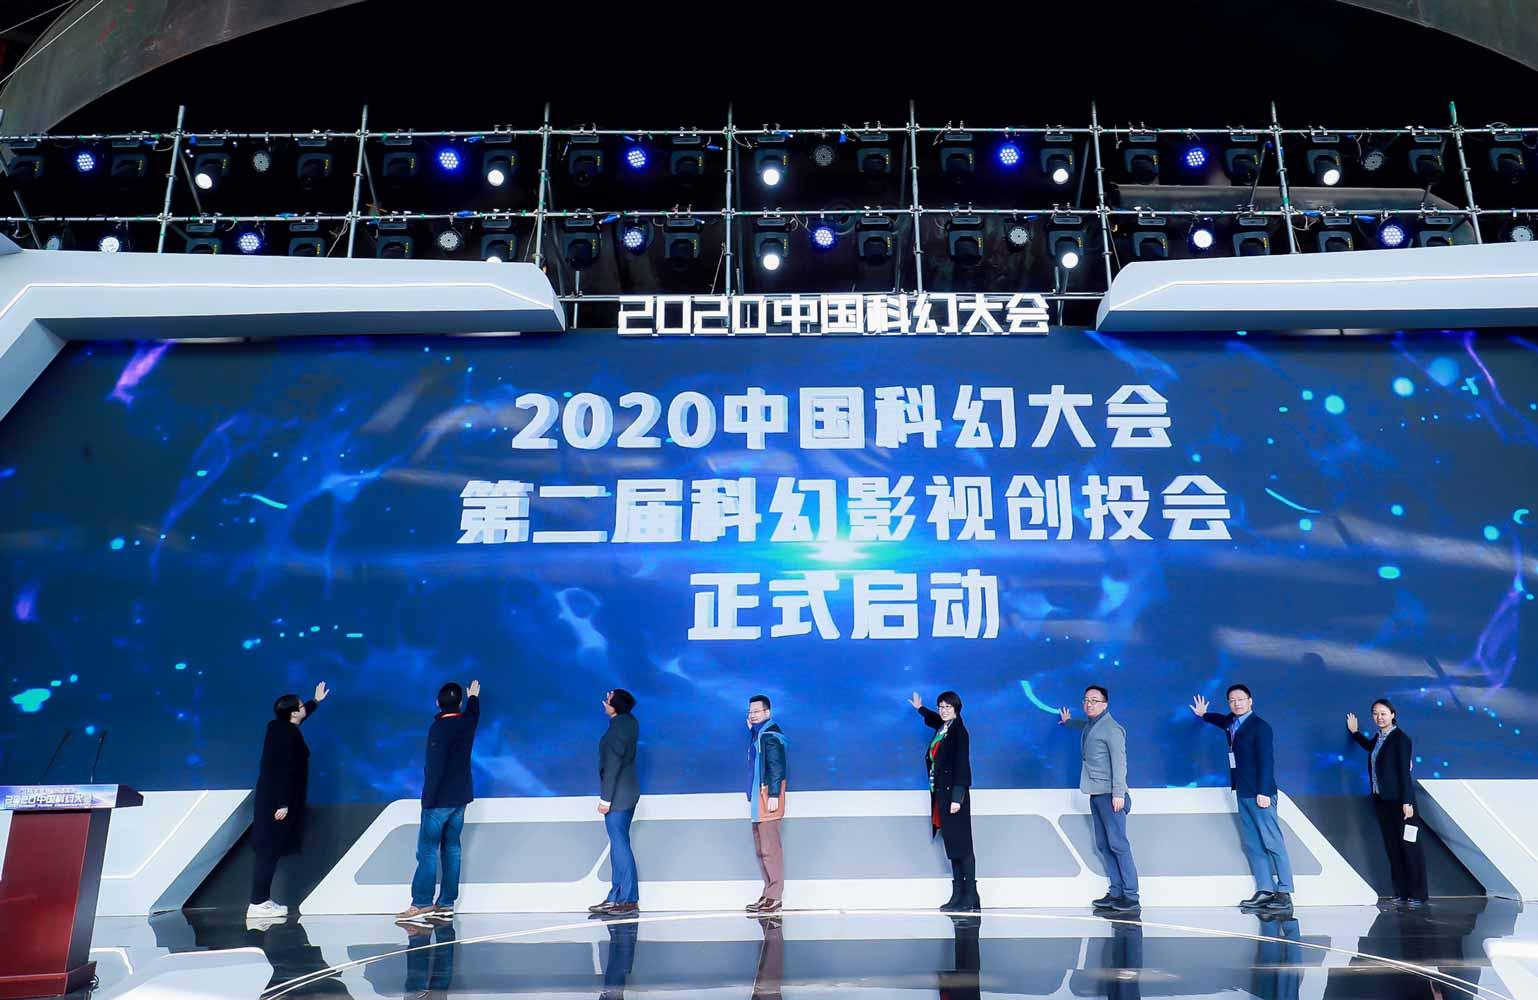 第二届科幻影视创投会落幕 中国科幻影视继往开来